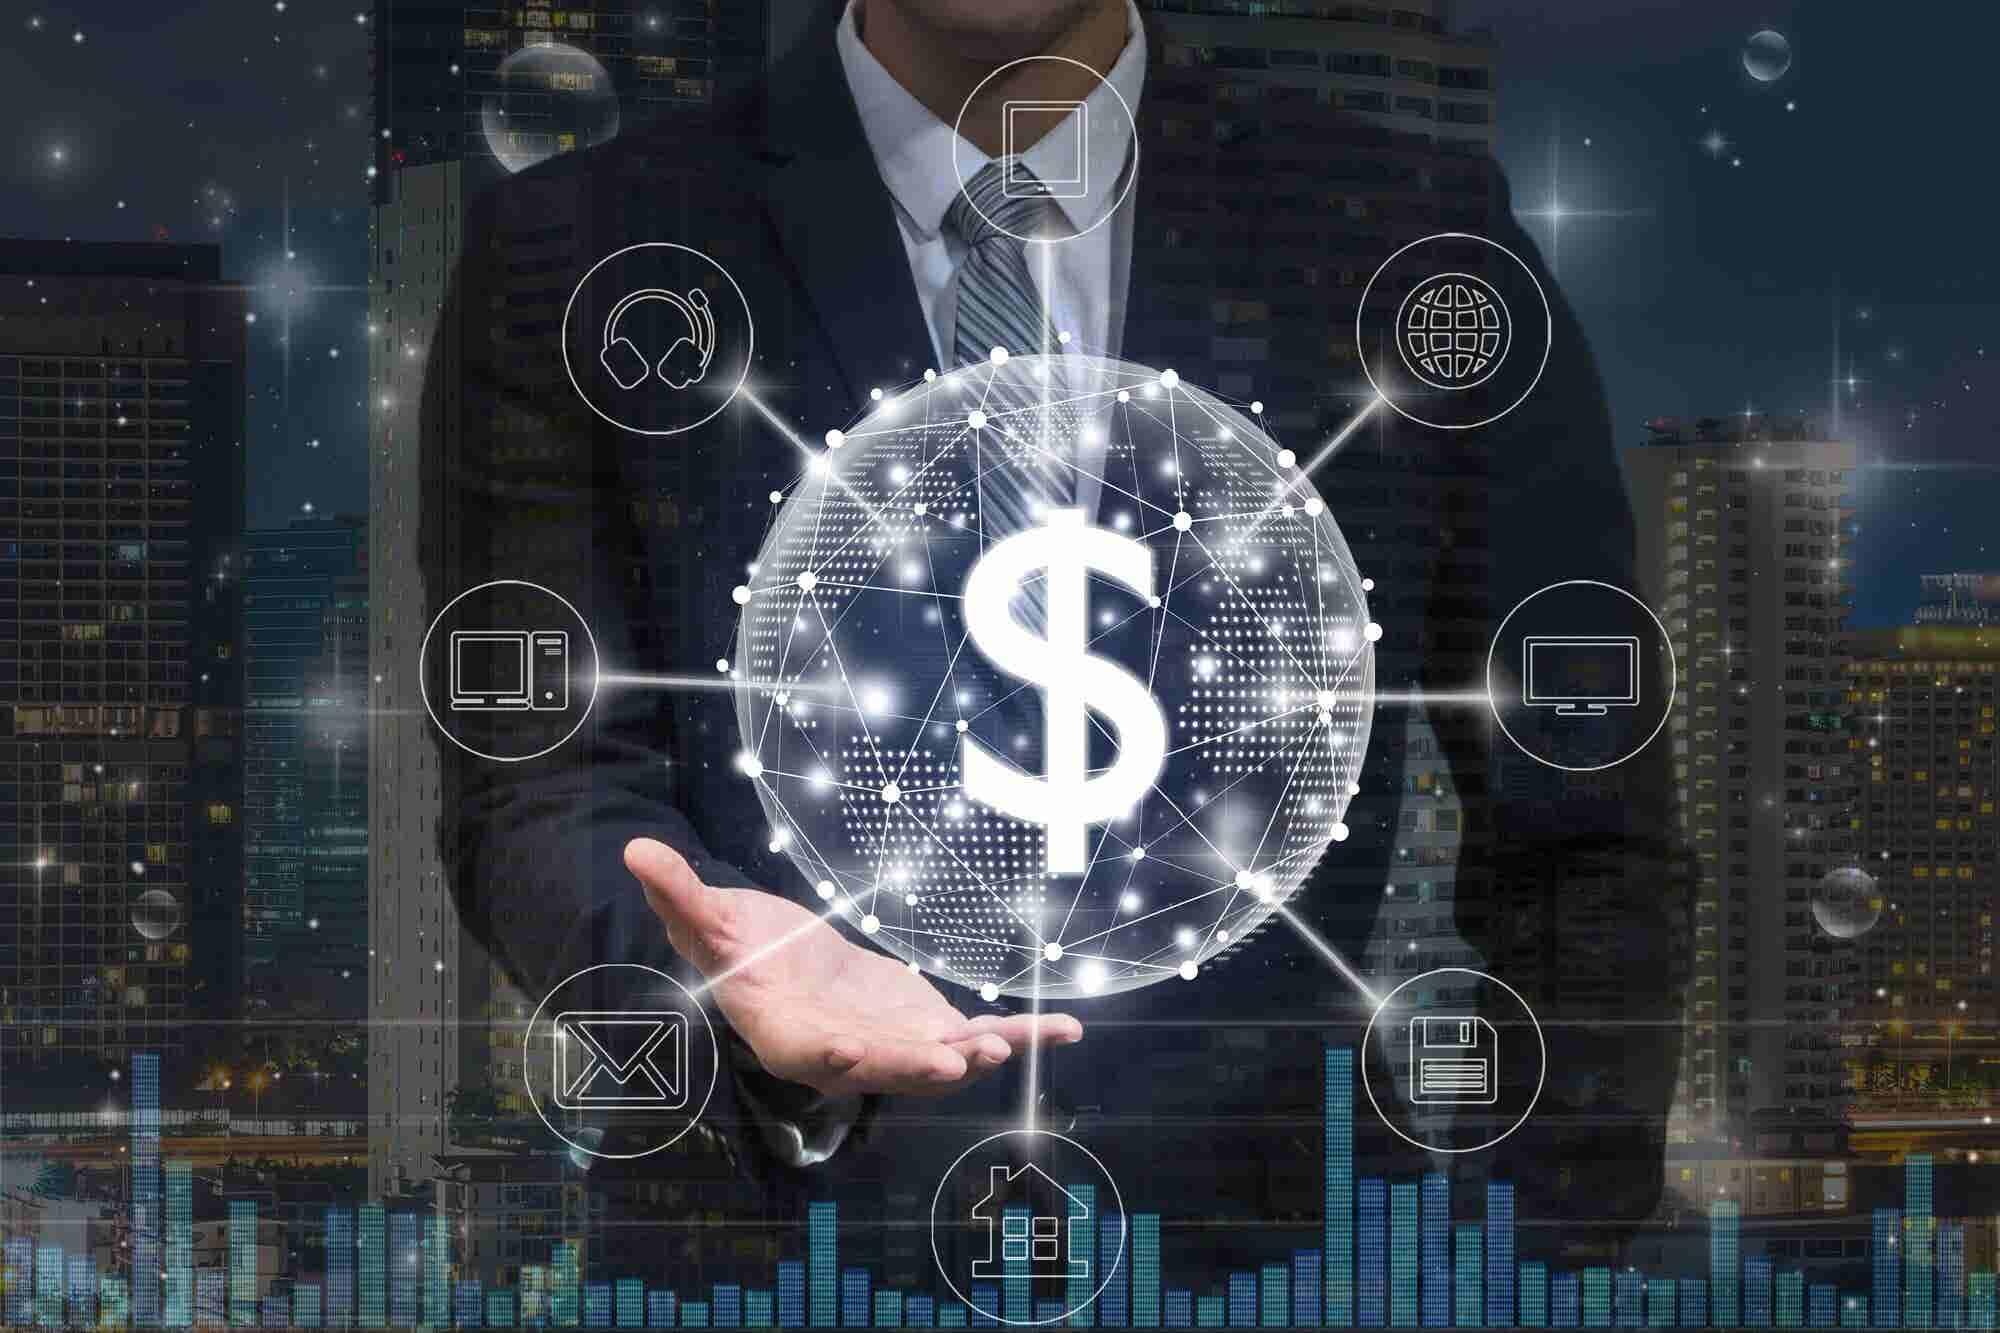 ¿Cuáles son los 4 grandes huecos de la Ley Fintech que hay resolver?